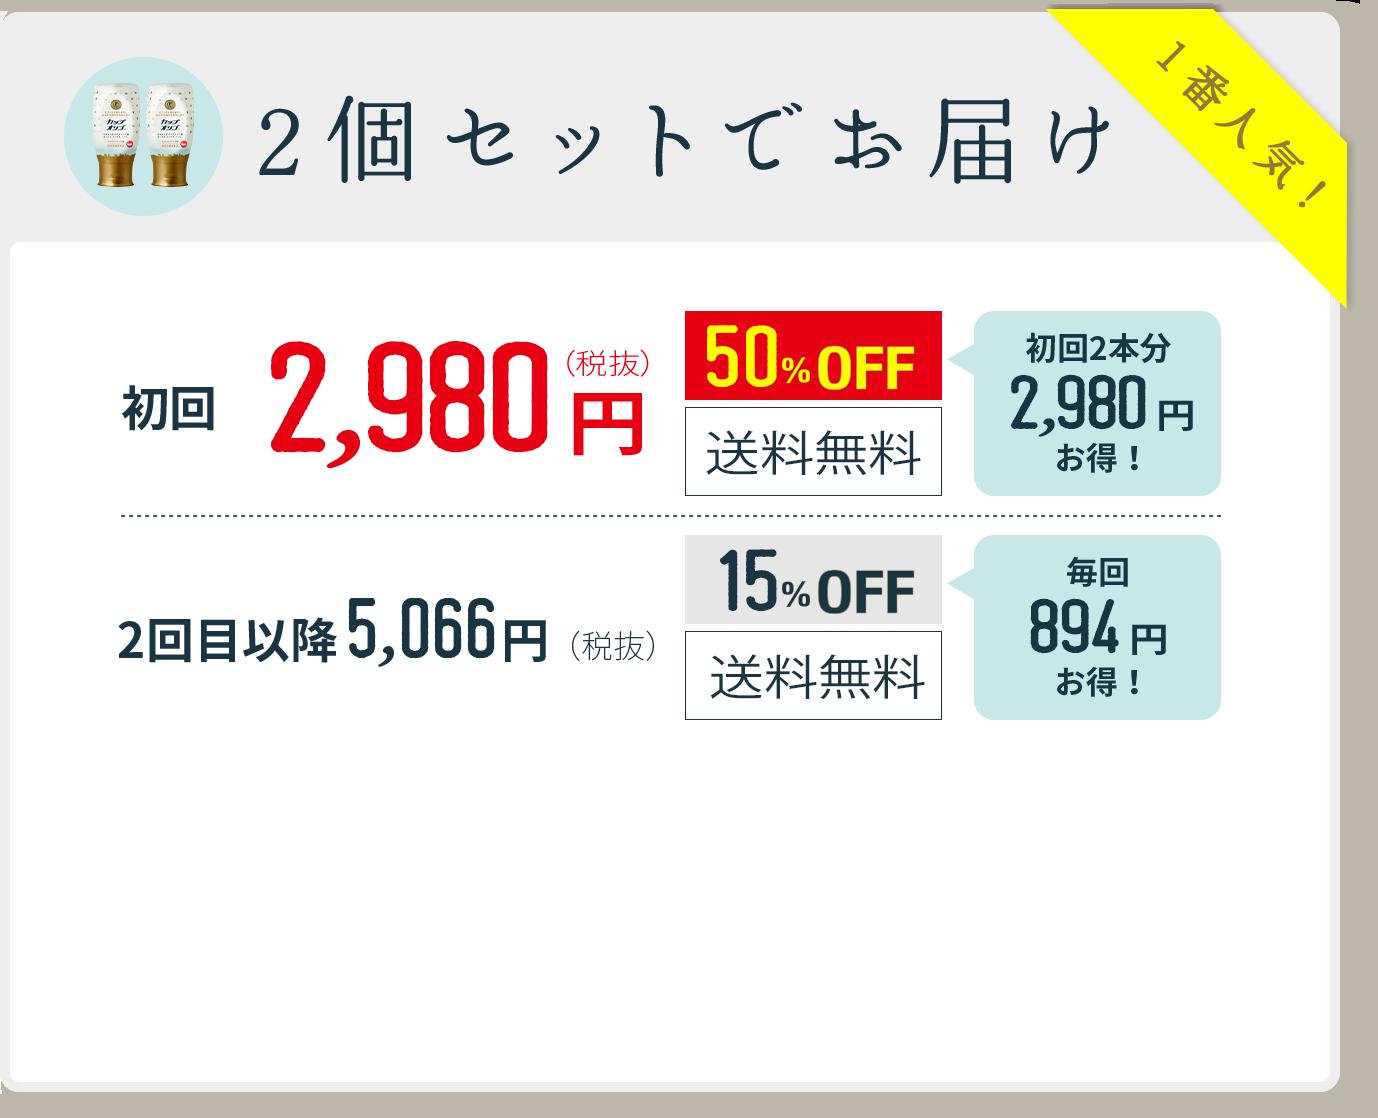 2個セットでお届け 初回は2980円(税抜) 2回目以降 5066円(税抜) それぞれ送料無料